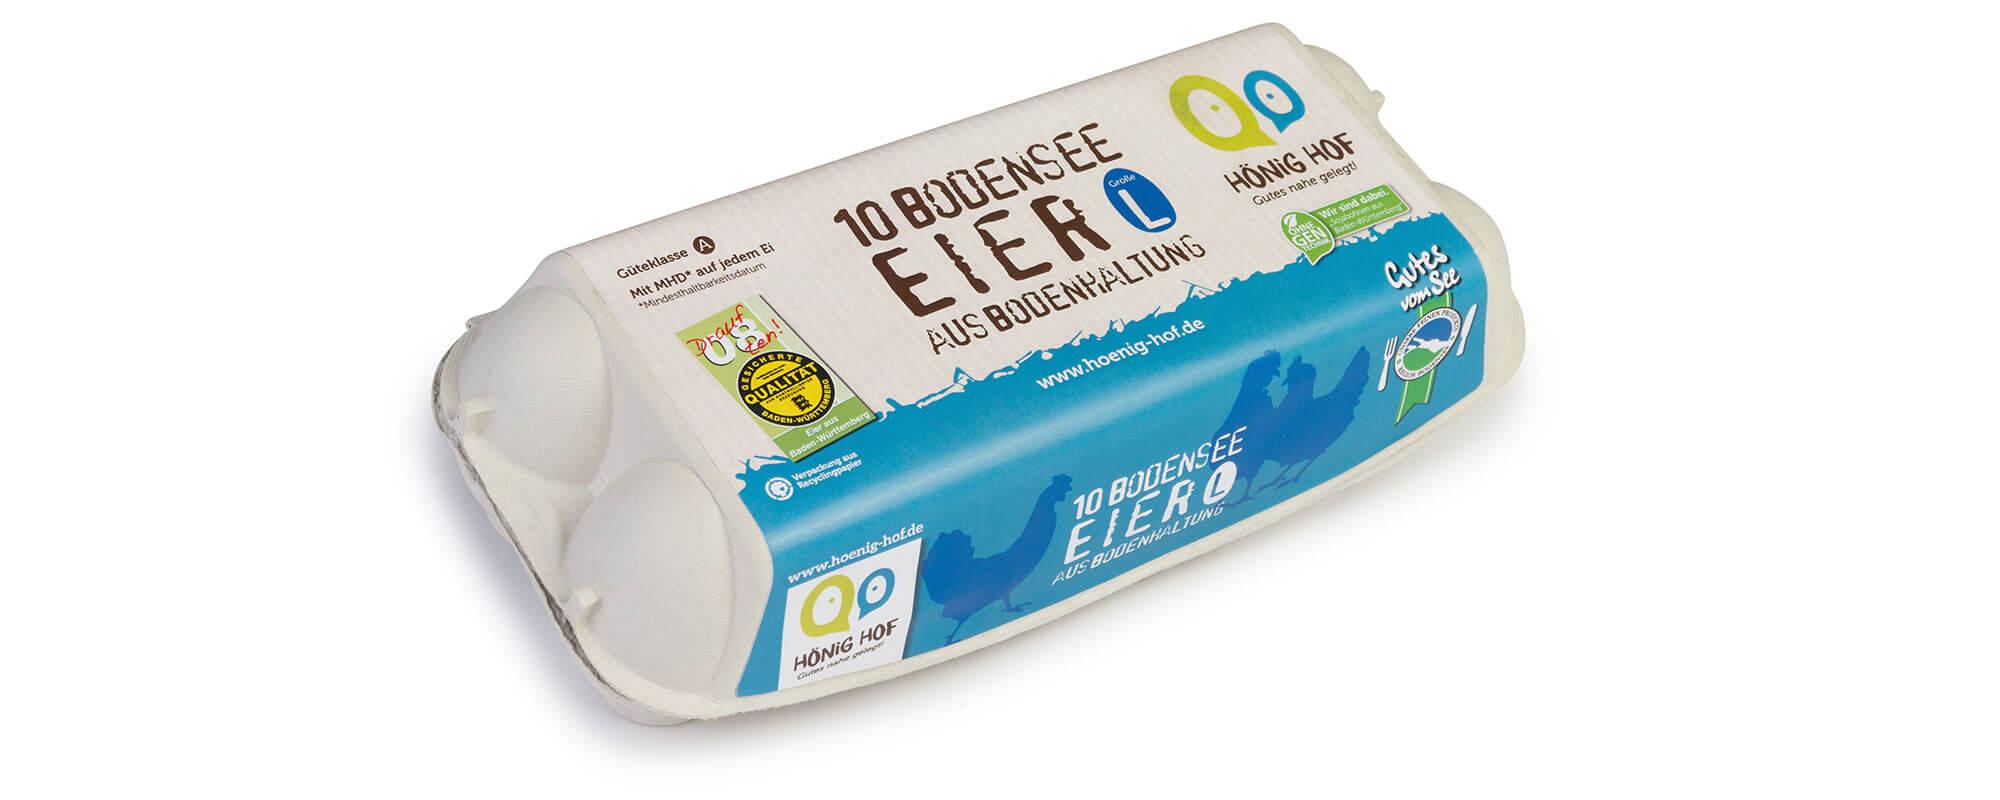 10er Bodensee-Eier aus Bodenhaltung, Größe L